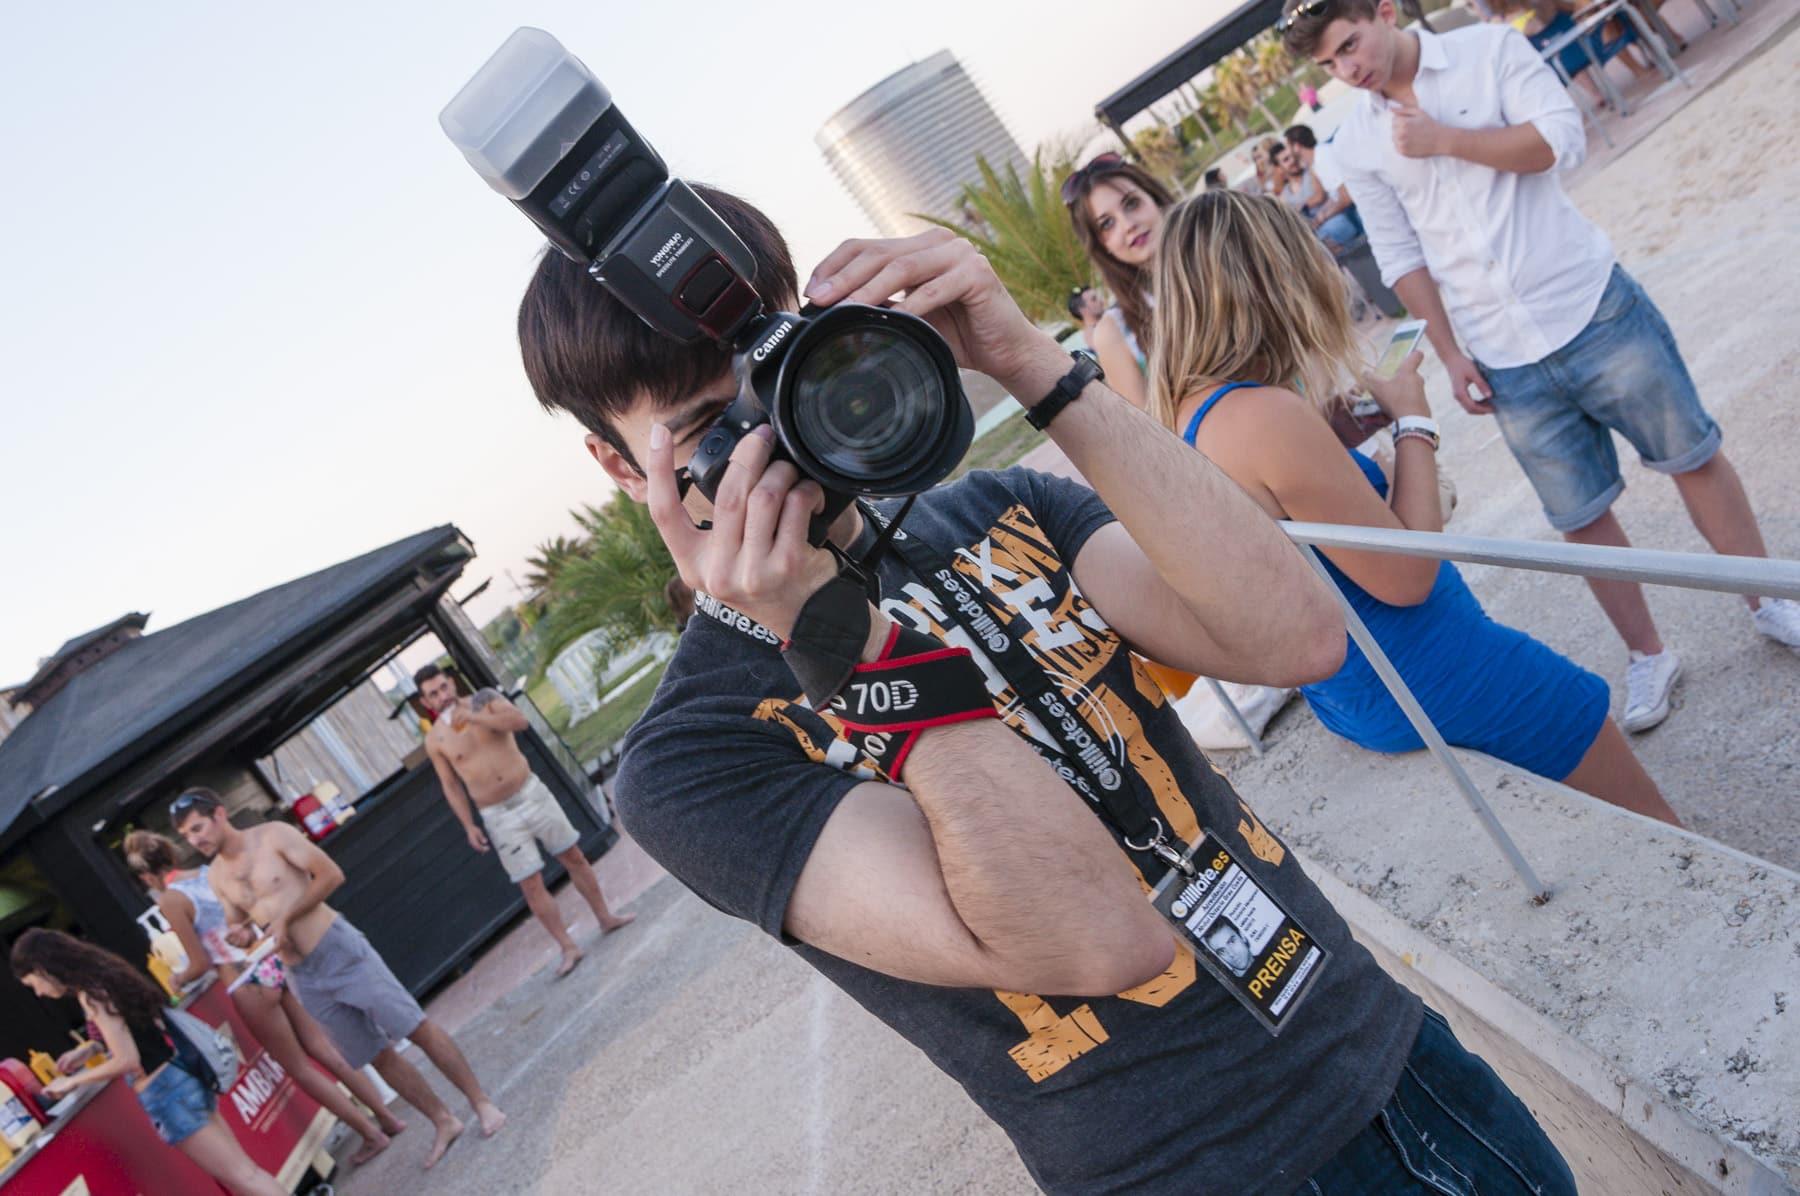 normas para que un fotografo publique tus fotos